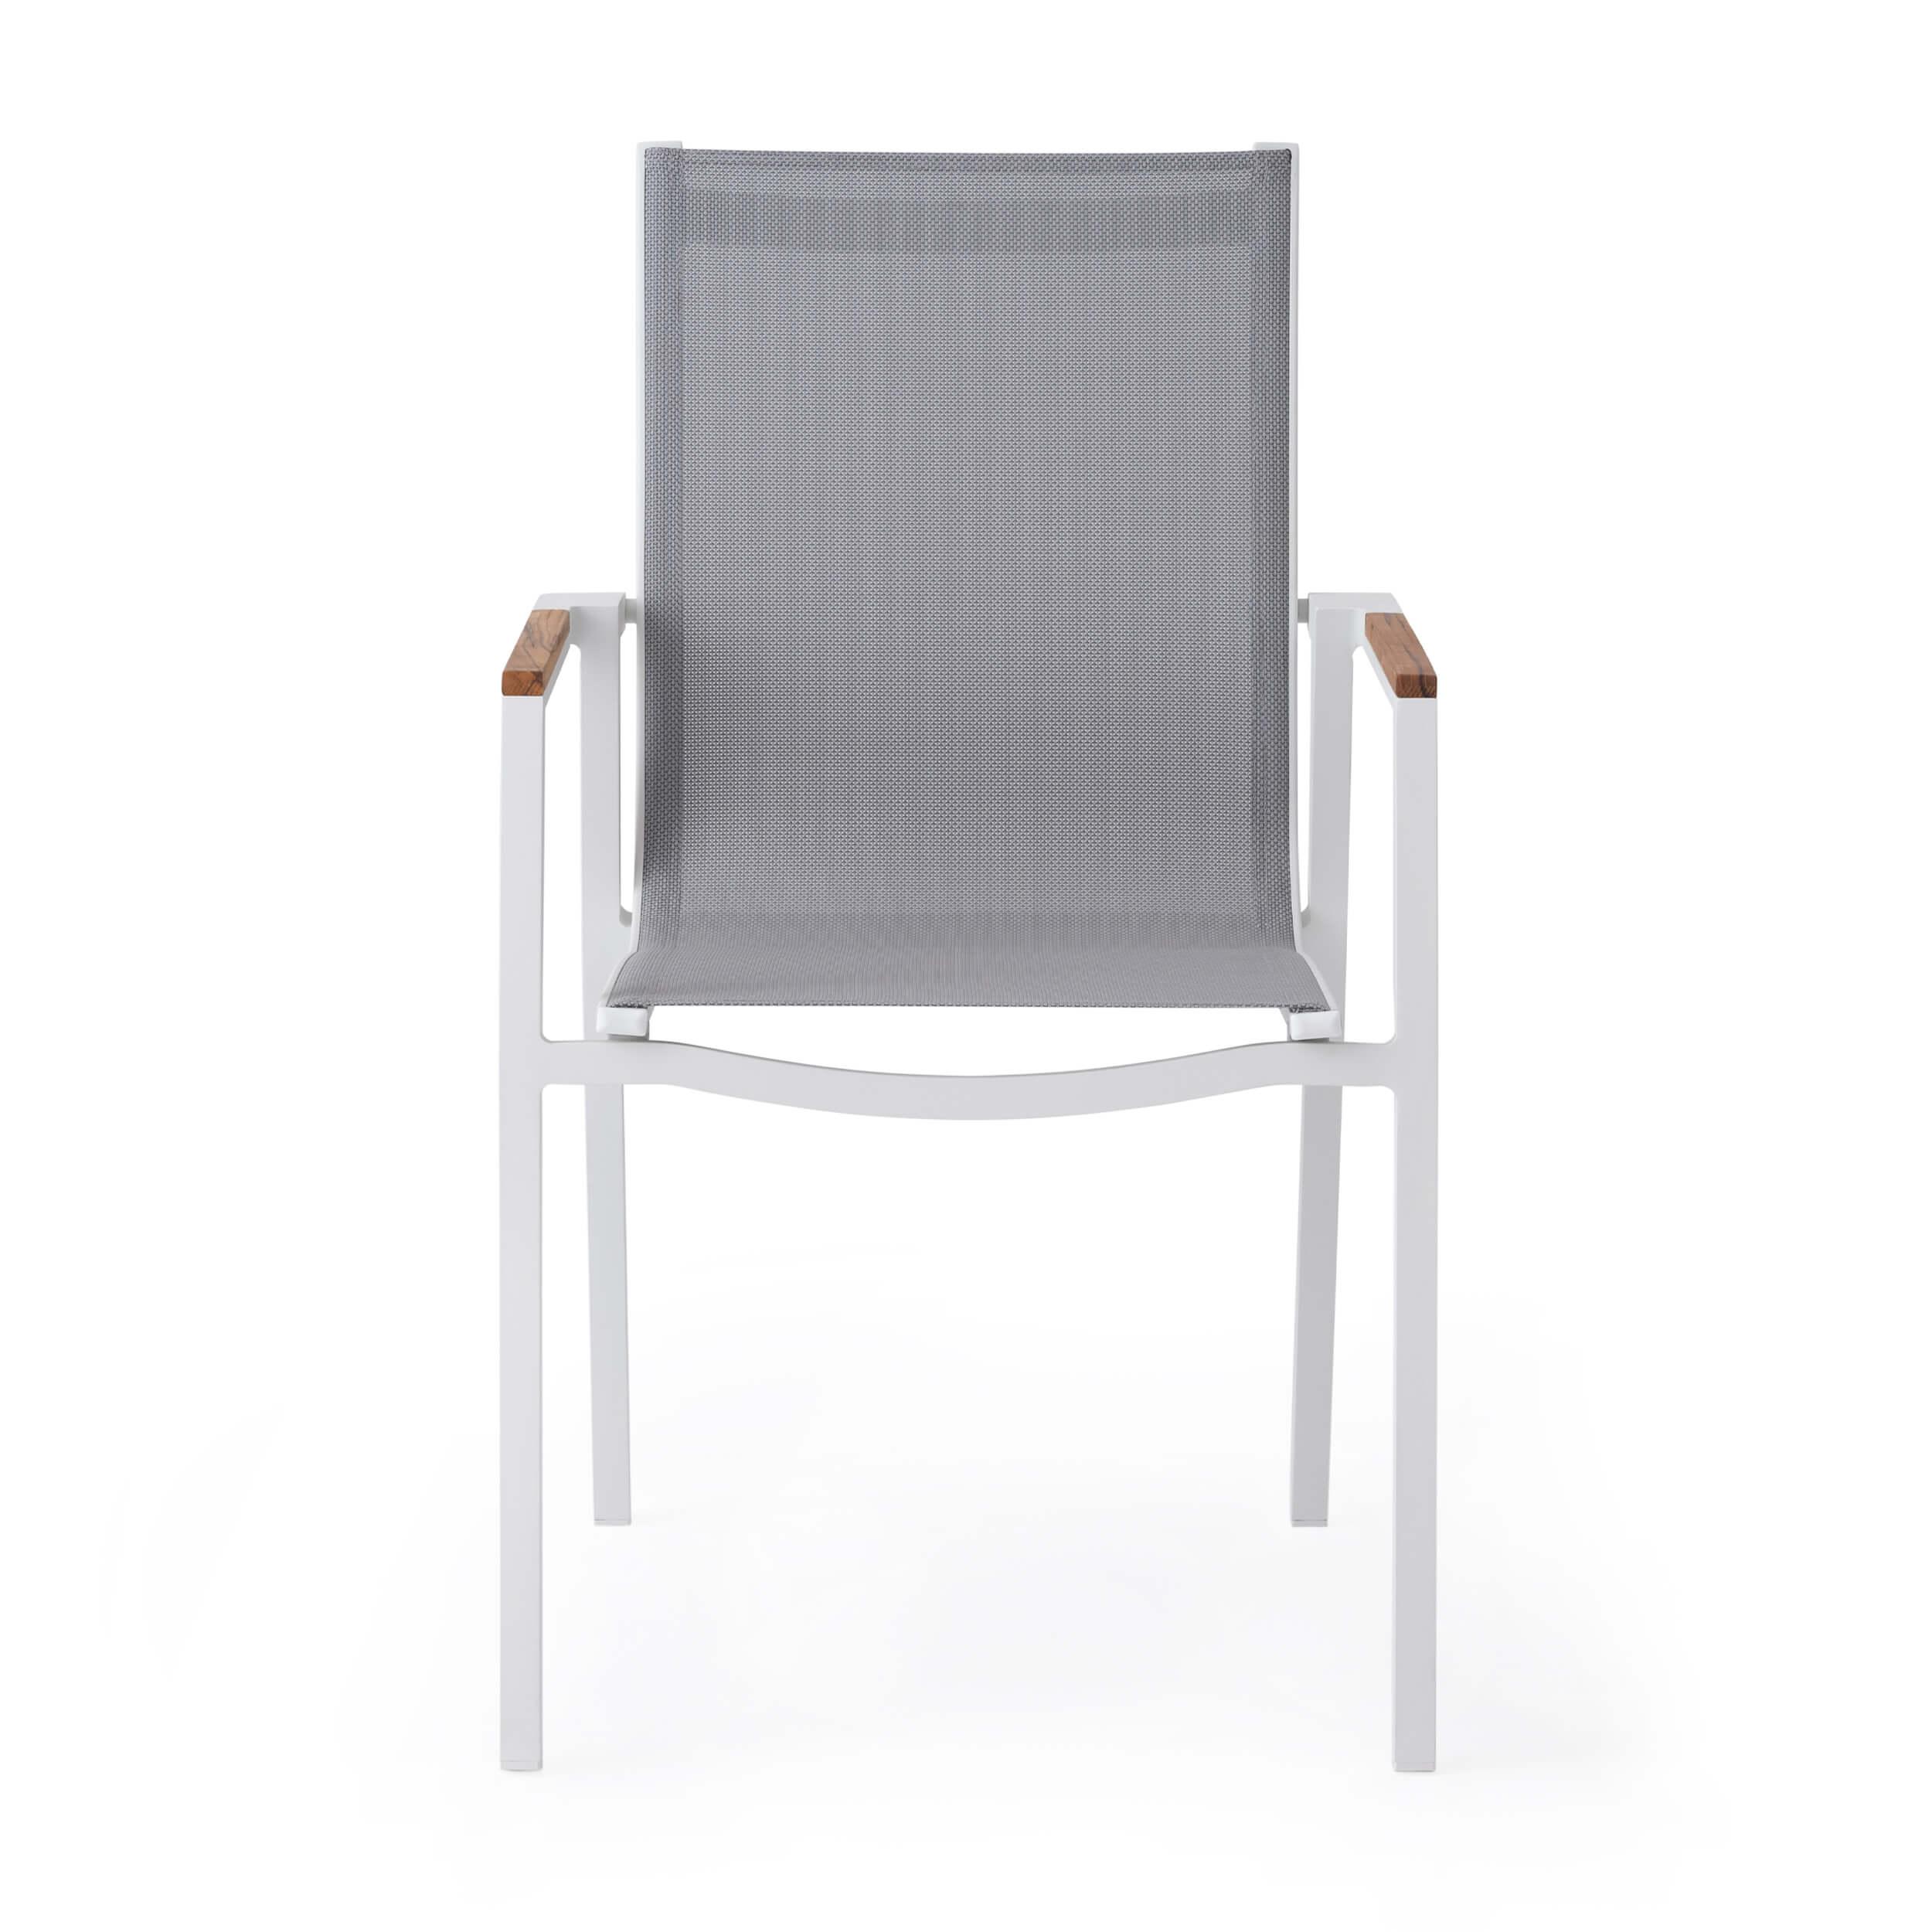 Cape Outdoor Furniture Modern Patio Furniture Canada Eq3